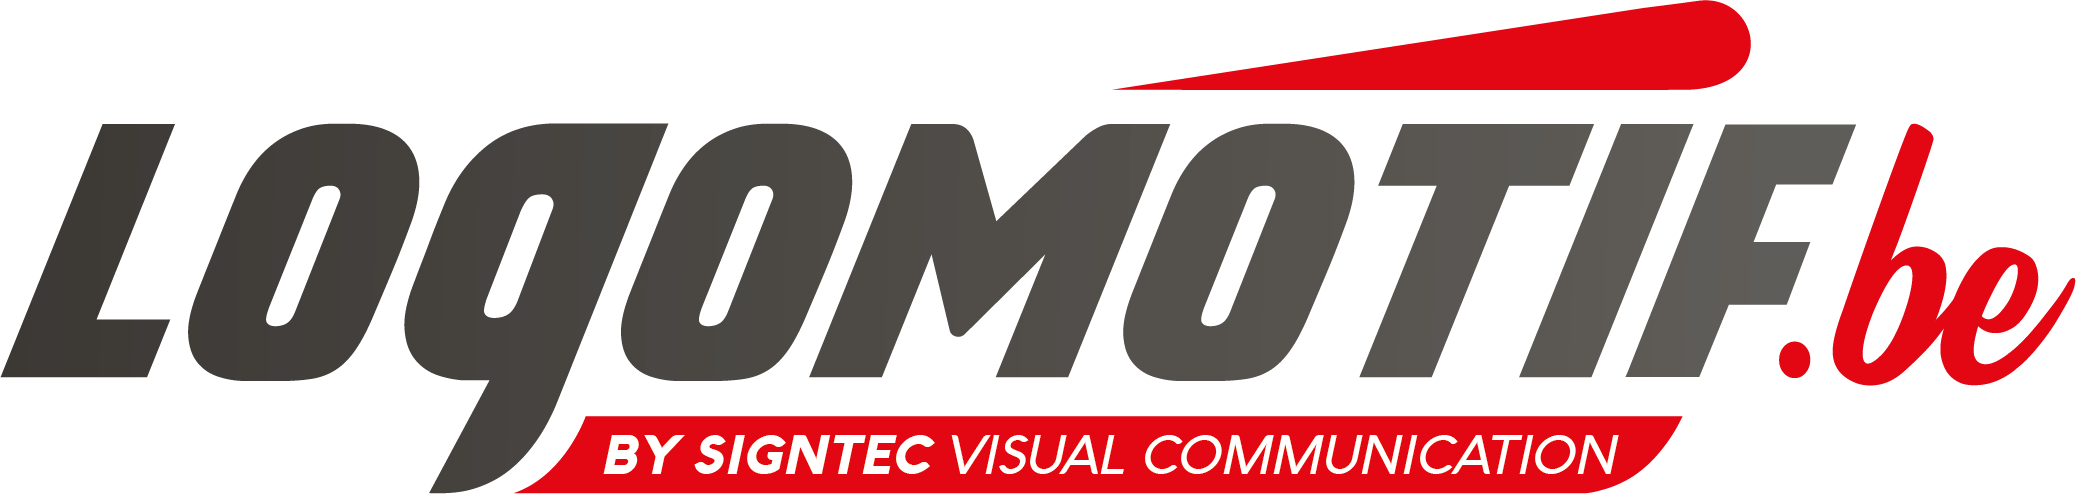 Logomotif